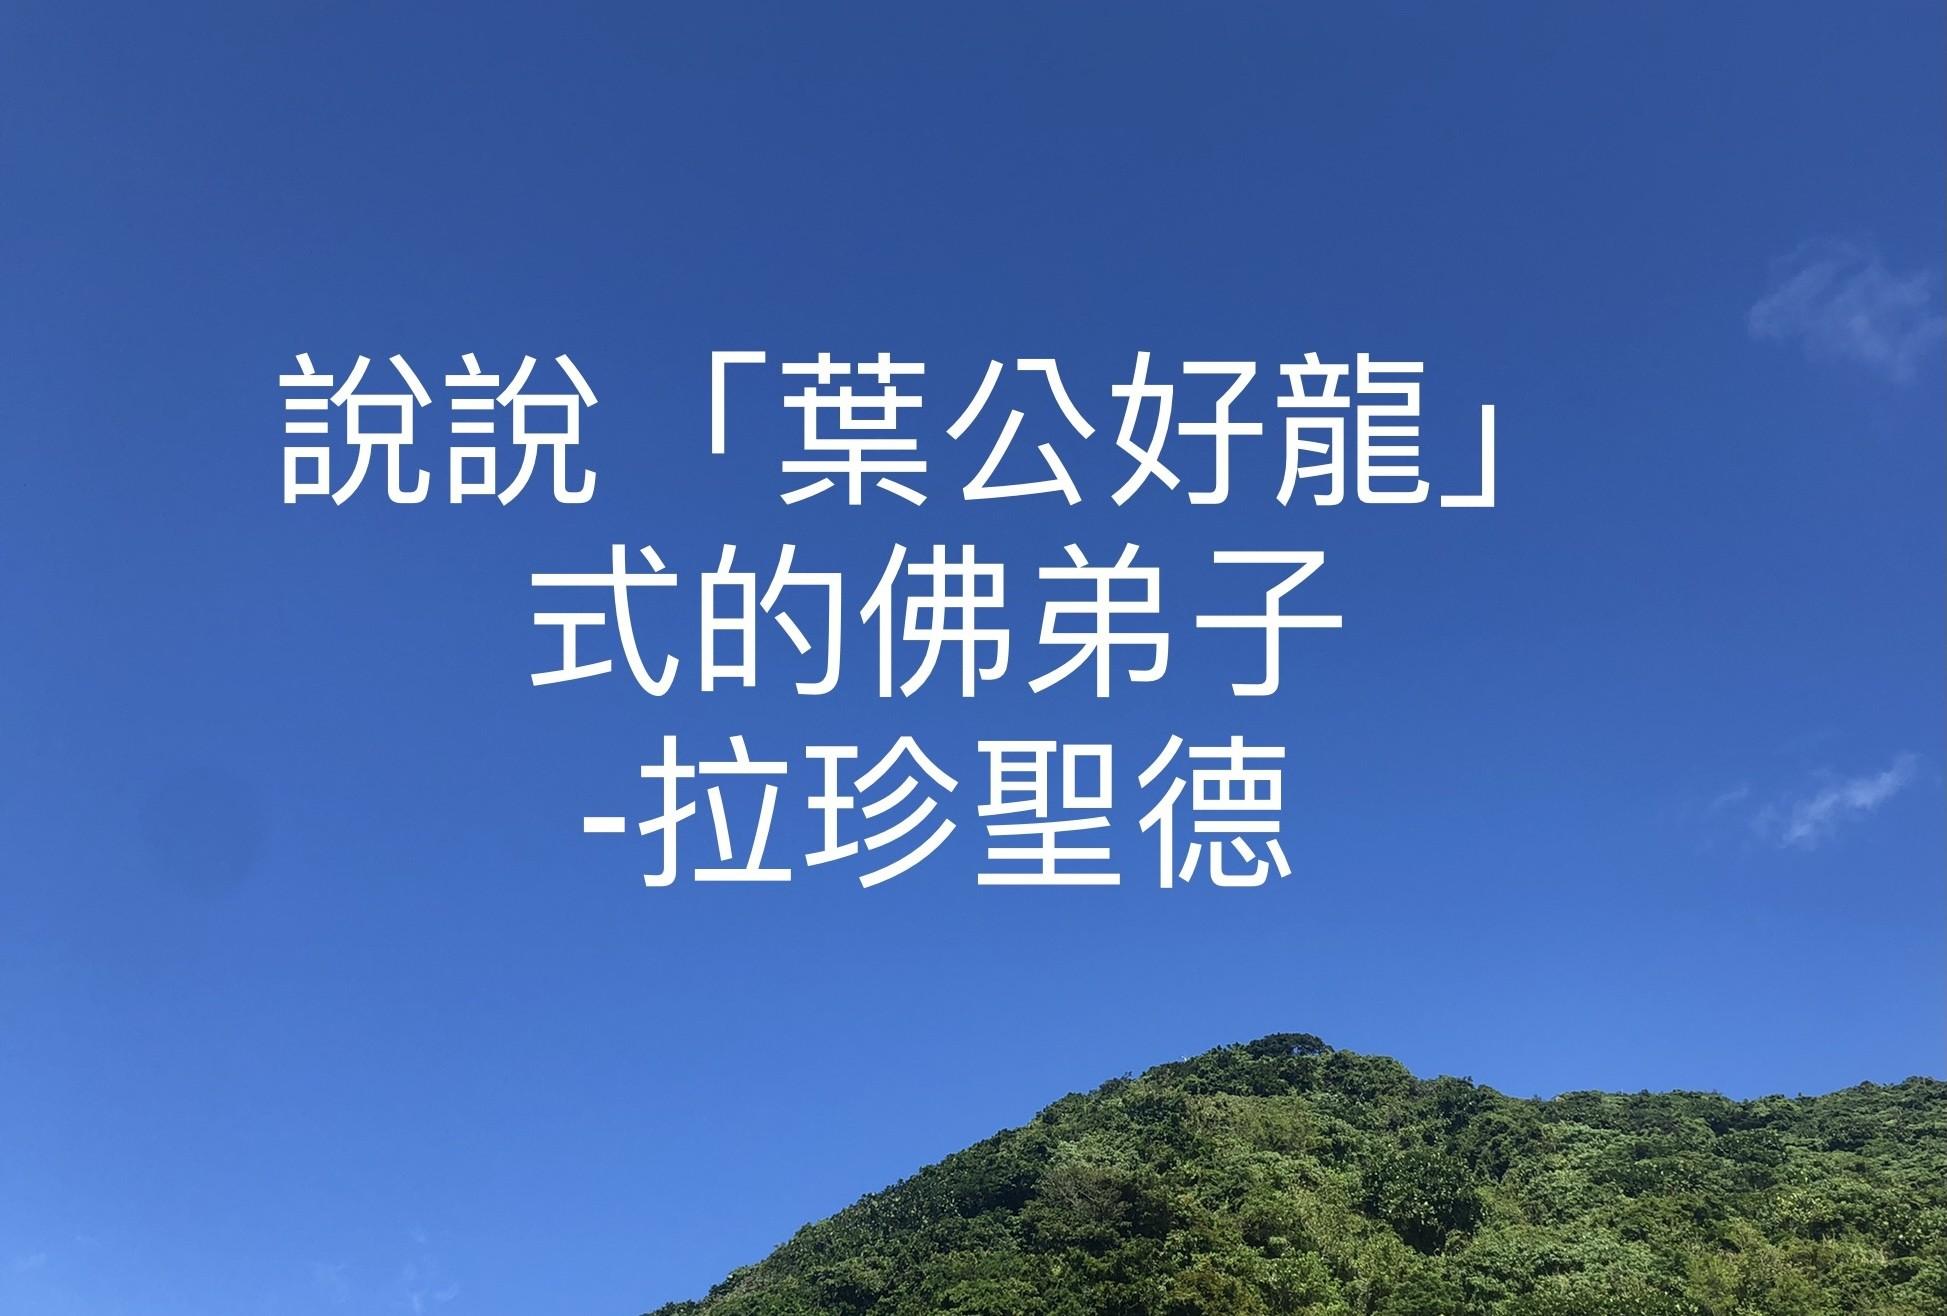 瑪倉派佛學會台中佛堂 說說「葉公好龍」式的佛弟子-拉珍聖德